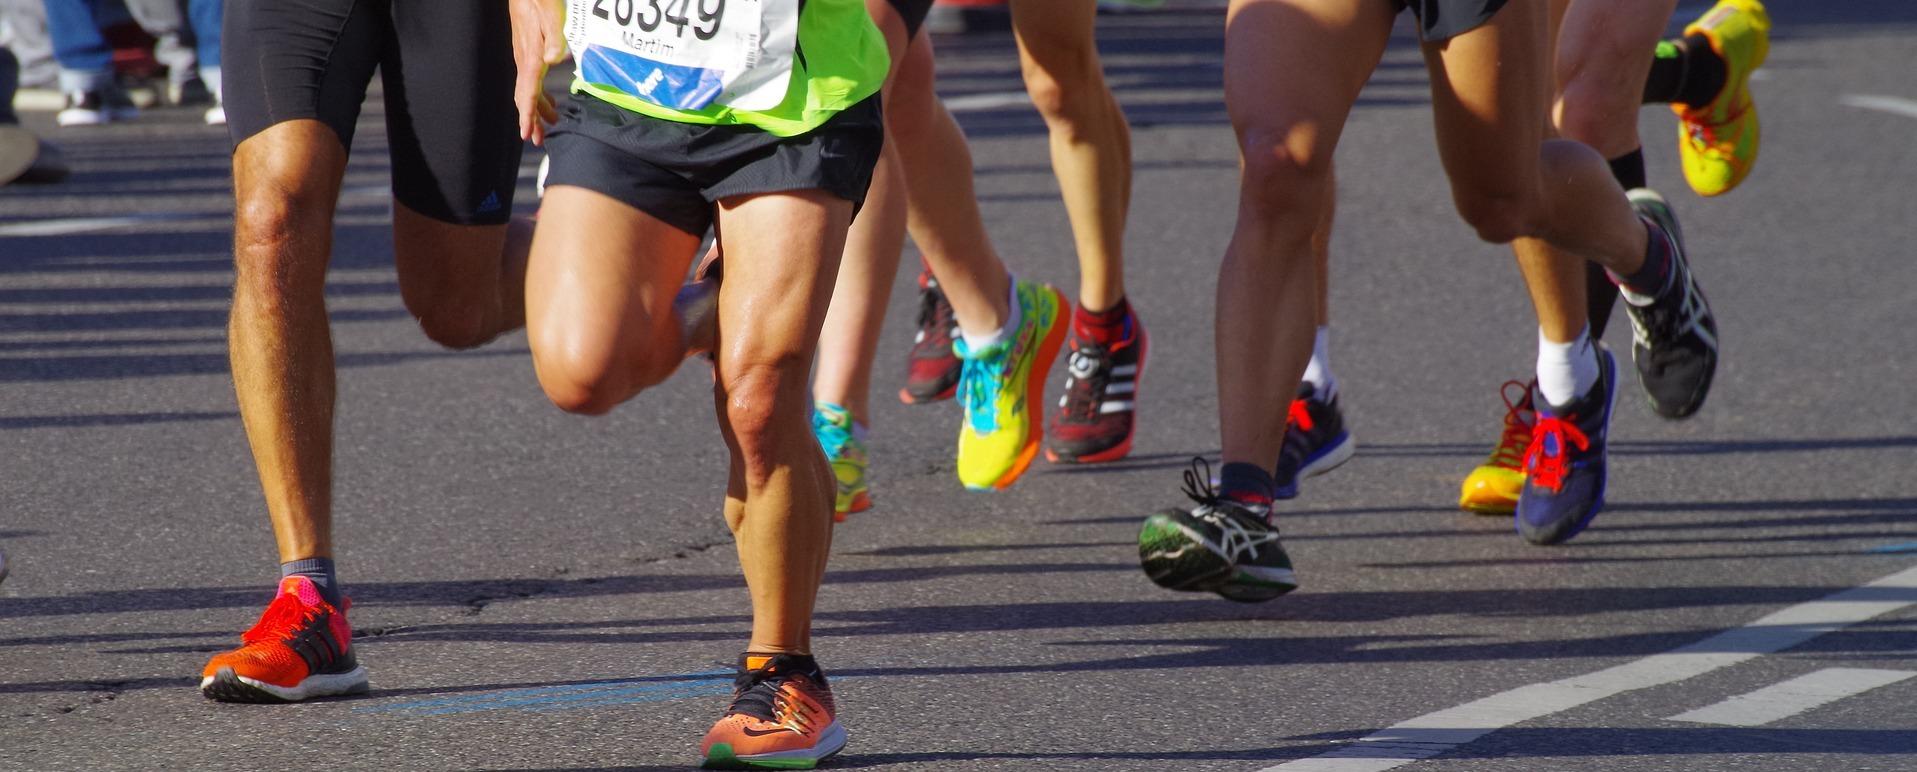 Joggen Cardio Ausdauer Läufer Laufen